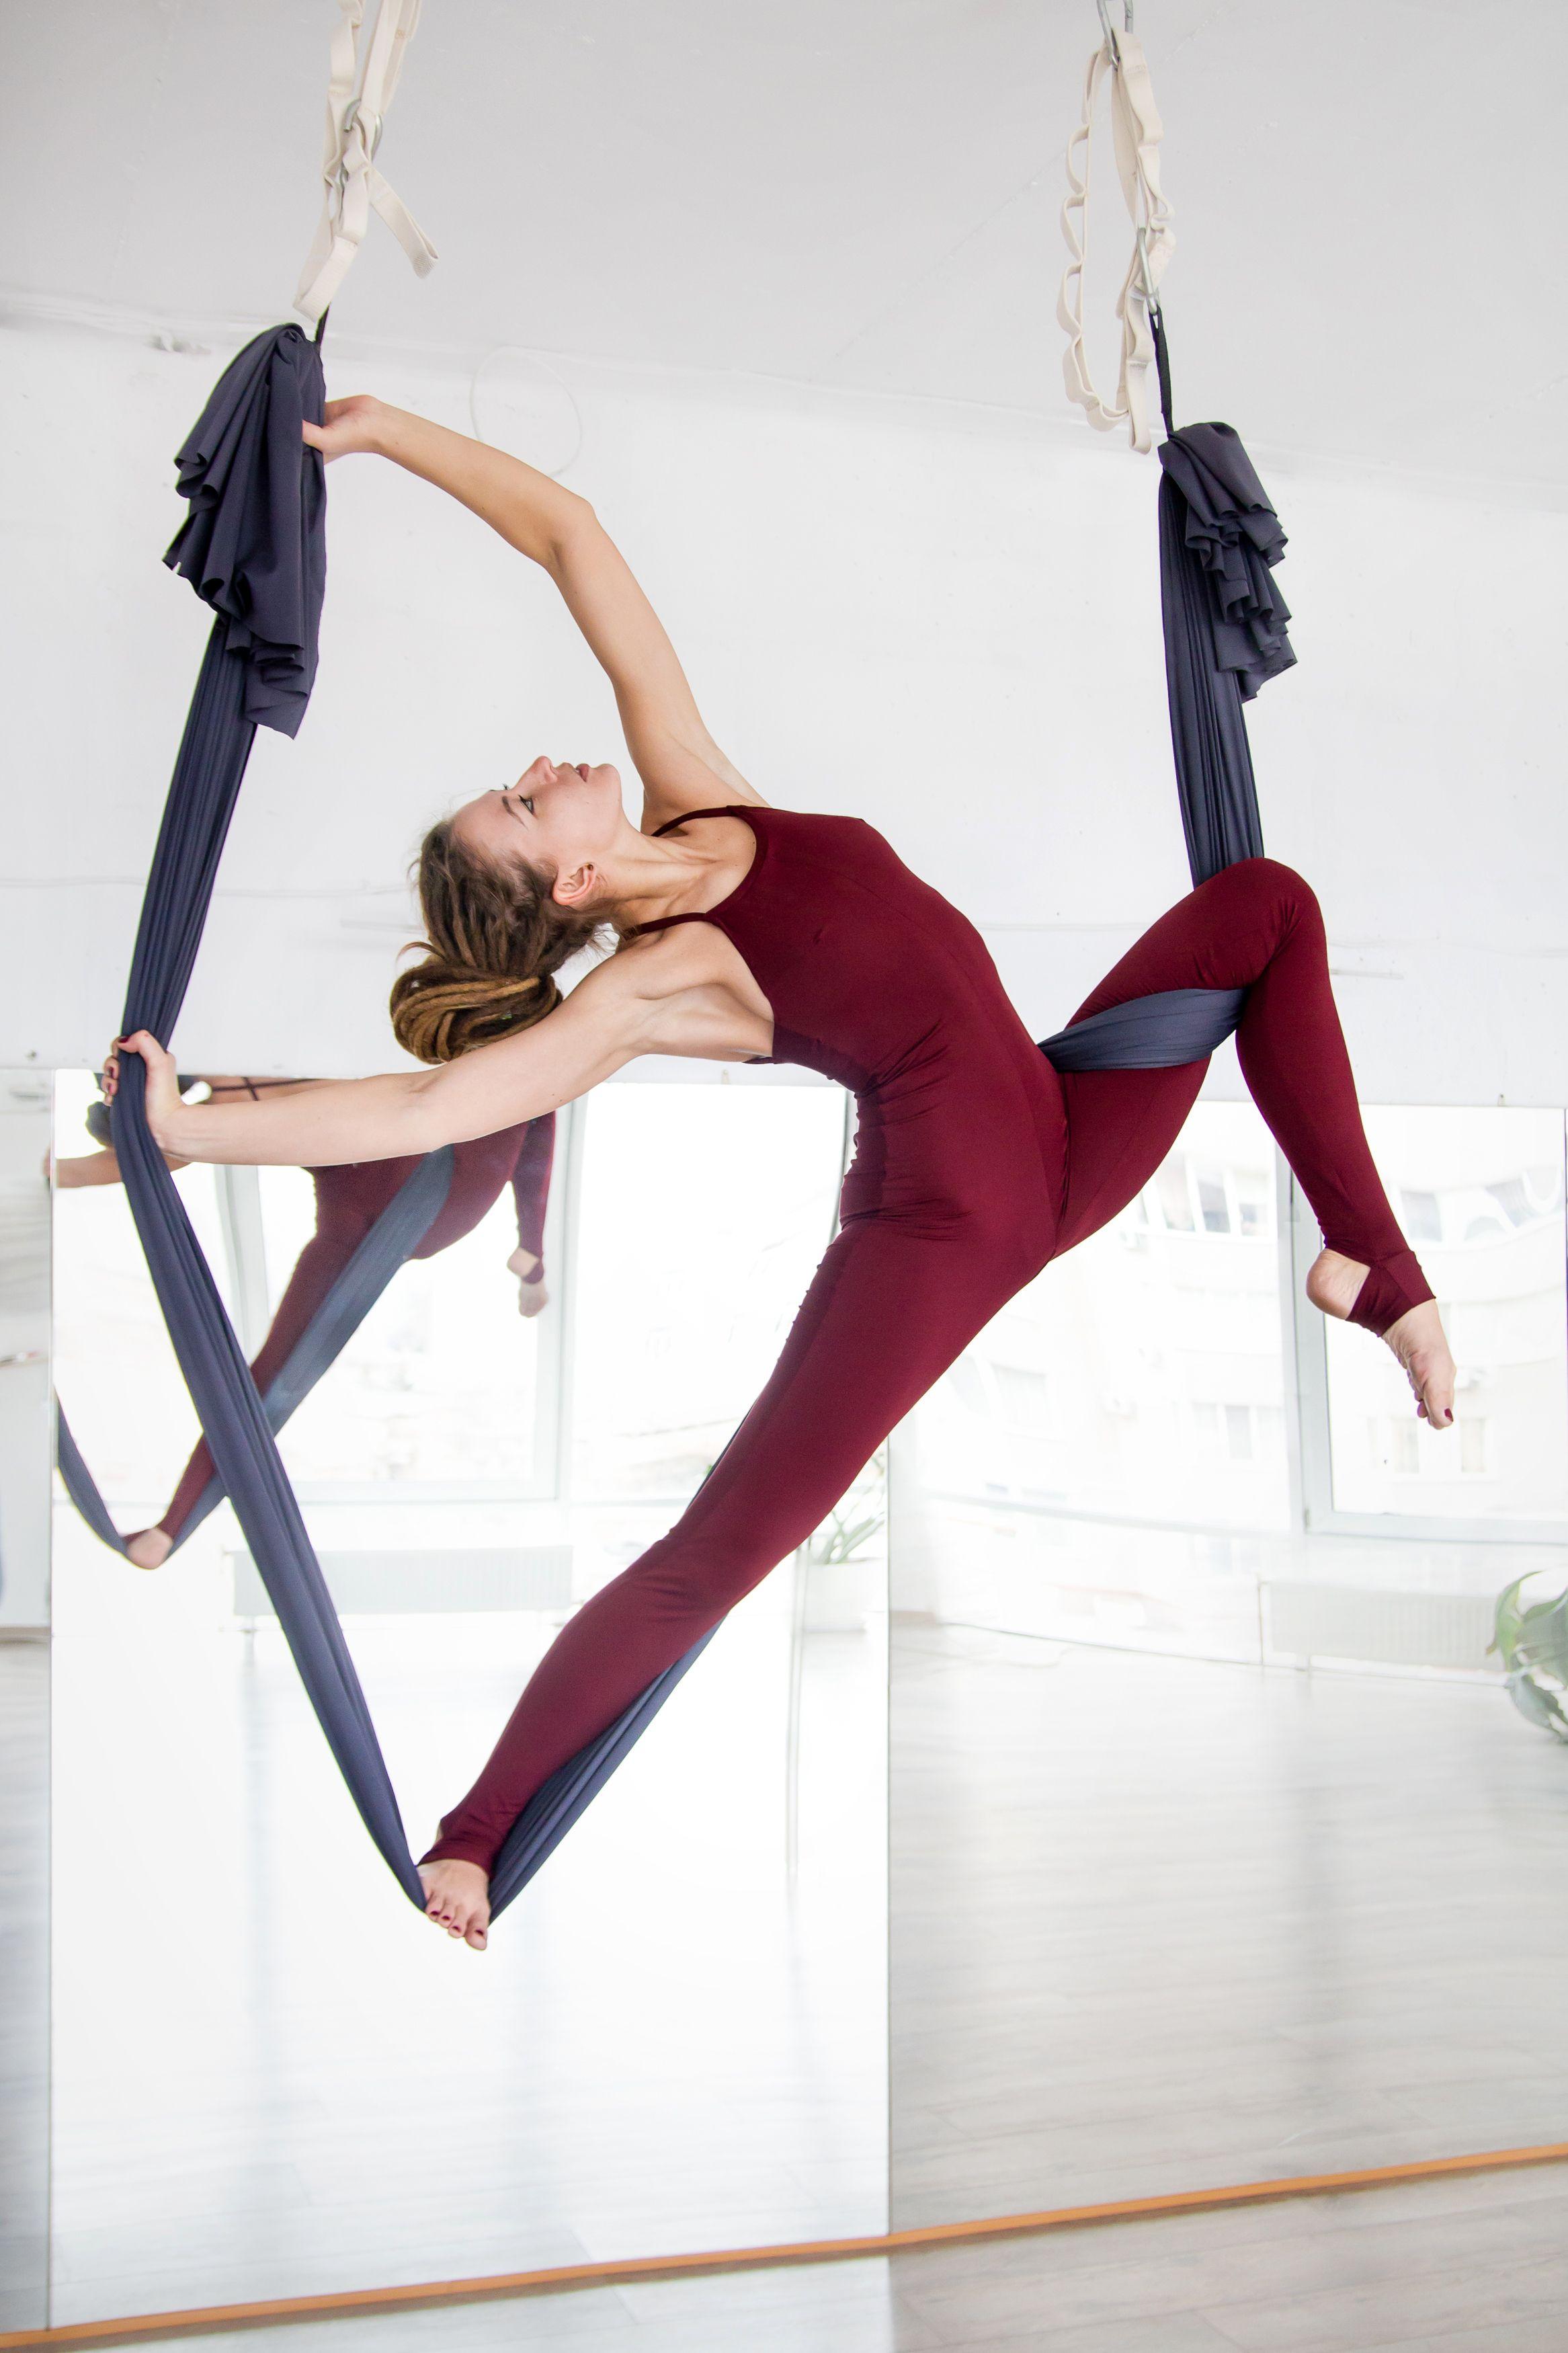 Julia Larina, Aerial hammock, aerial sling STUDIO19, Odessa, Ukraine